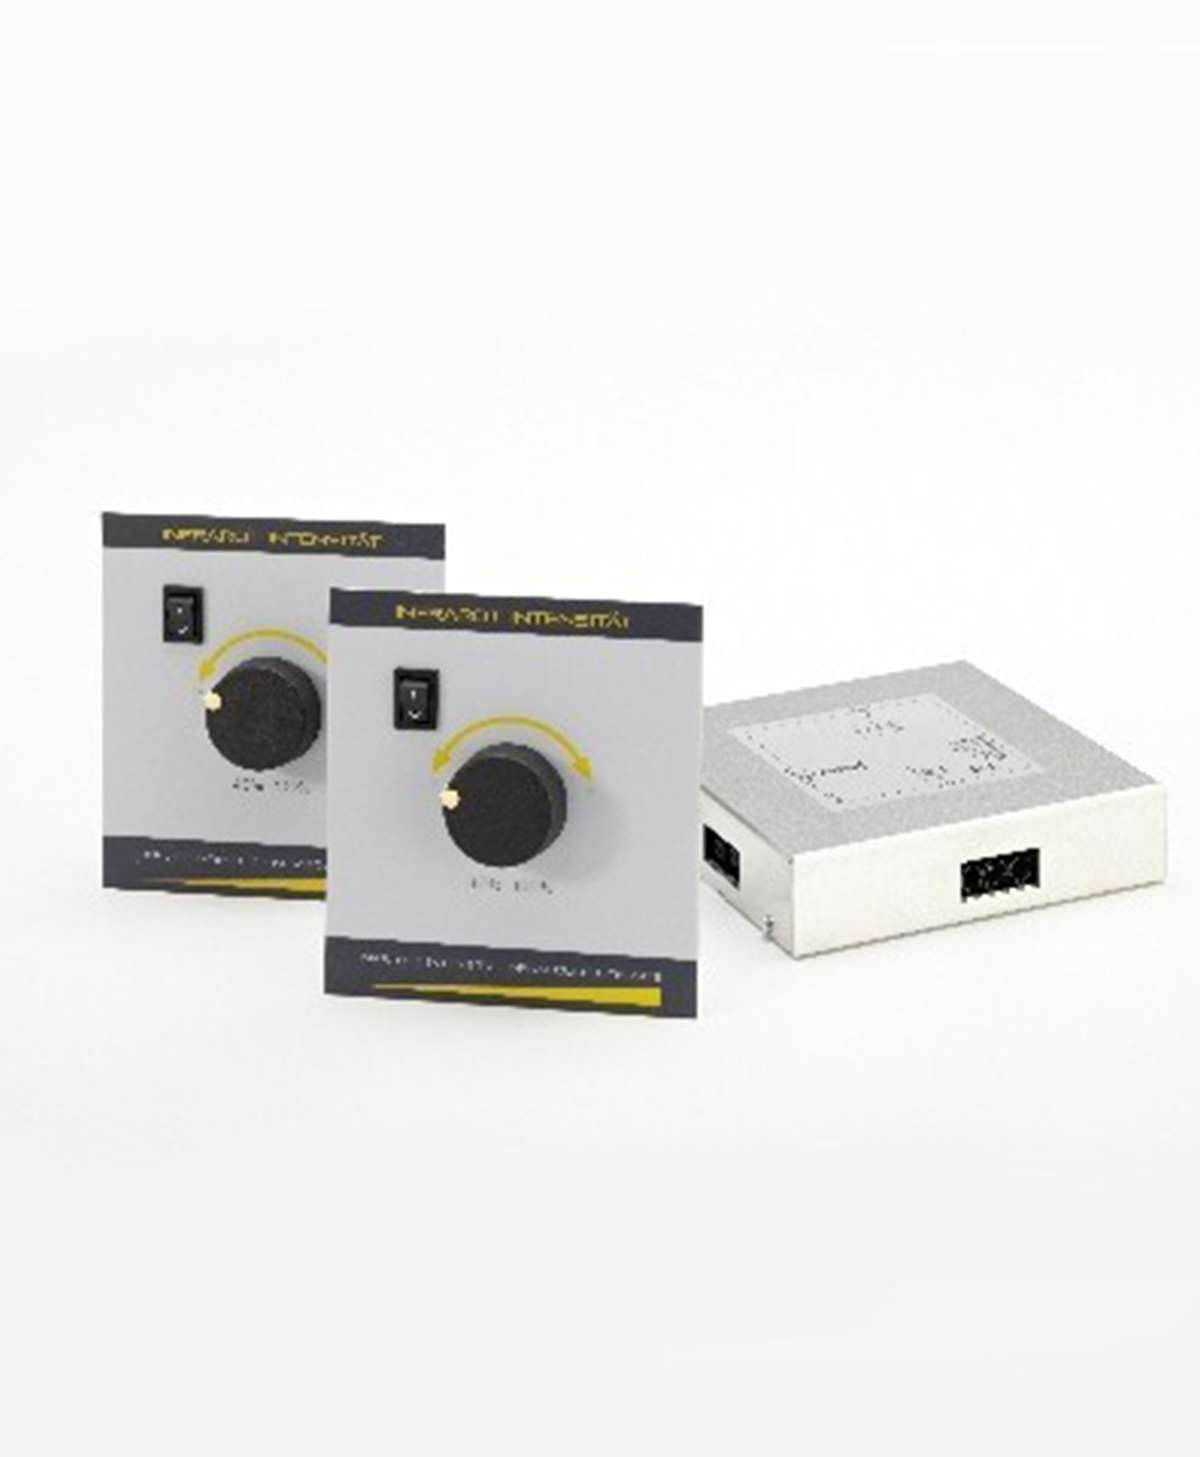 Easy Control 2 für Sauna & Infrarot